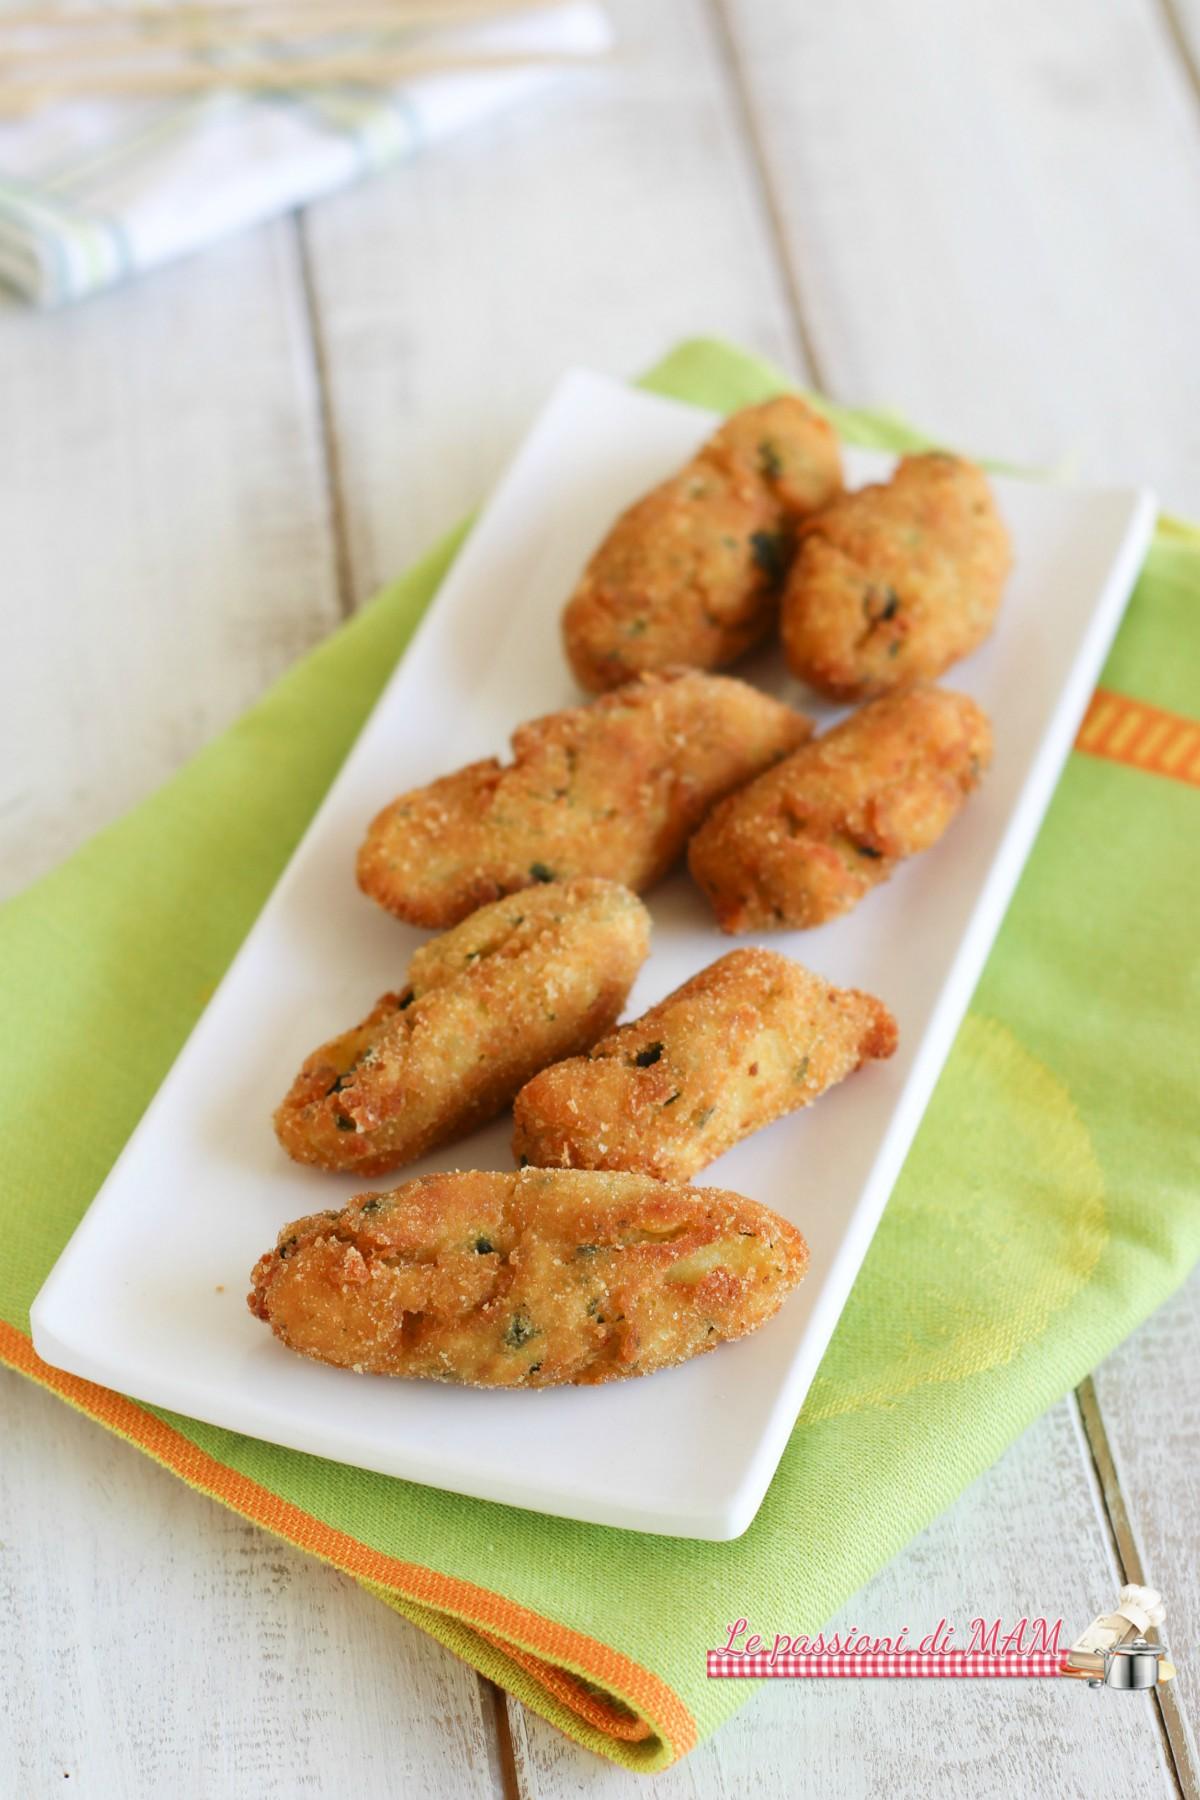 Crocchette di zucchine e patate, fritte o in forno per un finger food delizioso